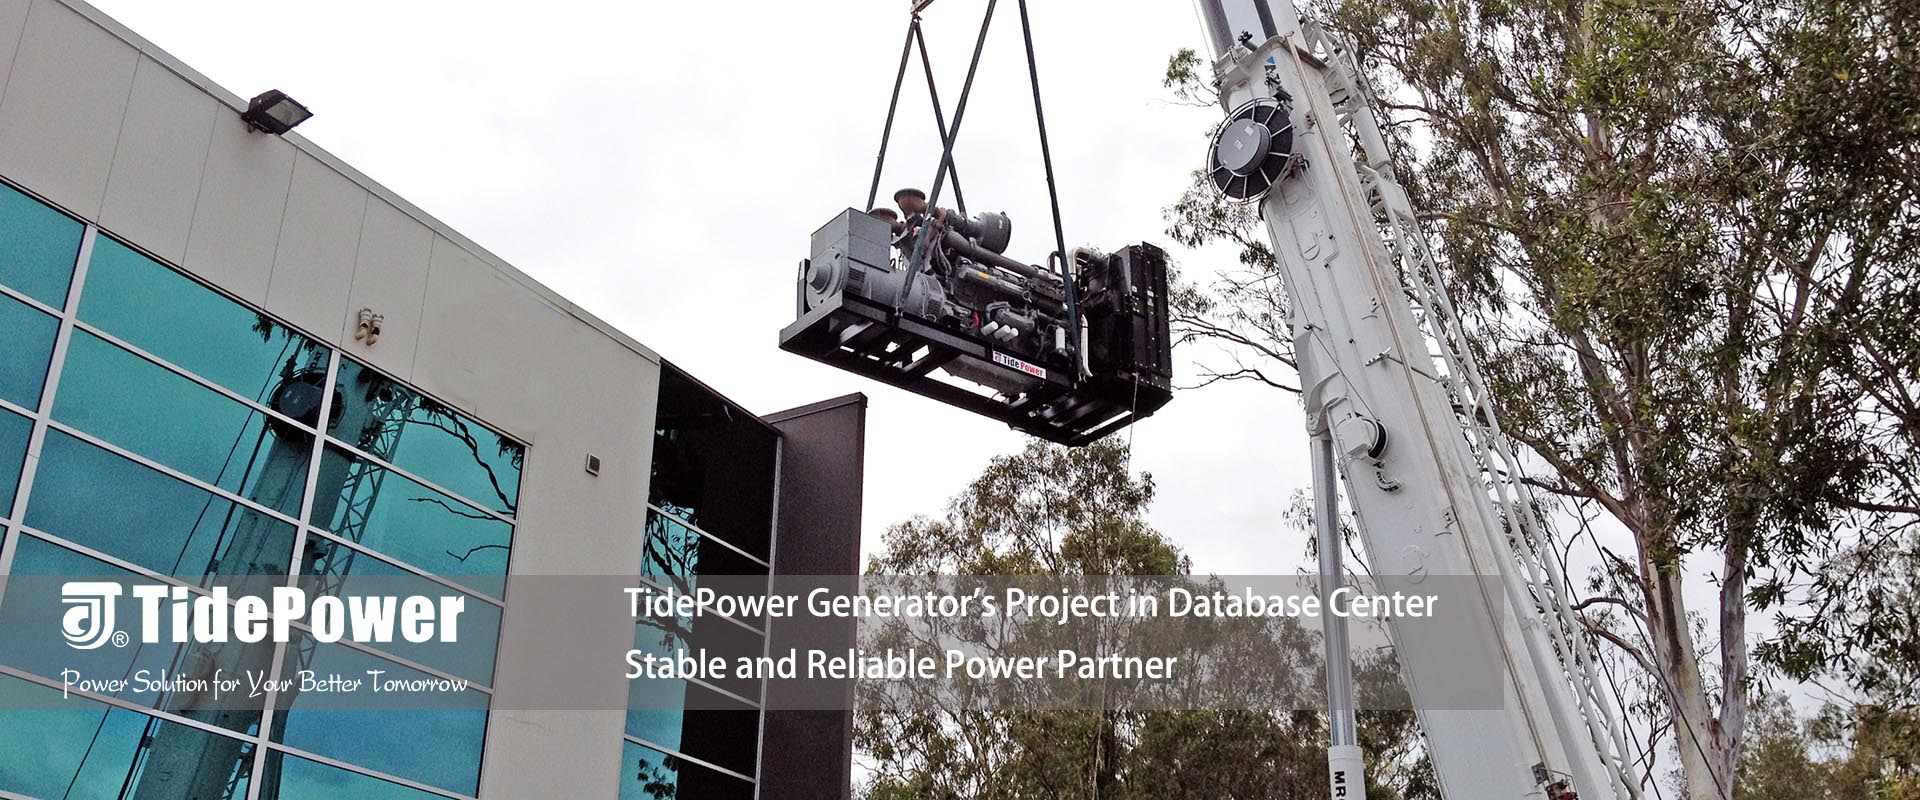 tidepower dataase